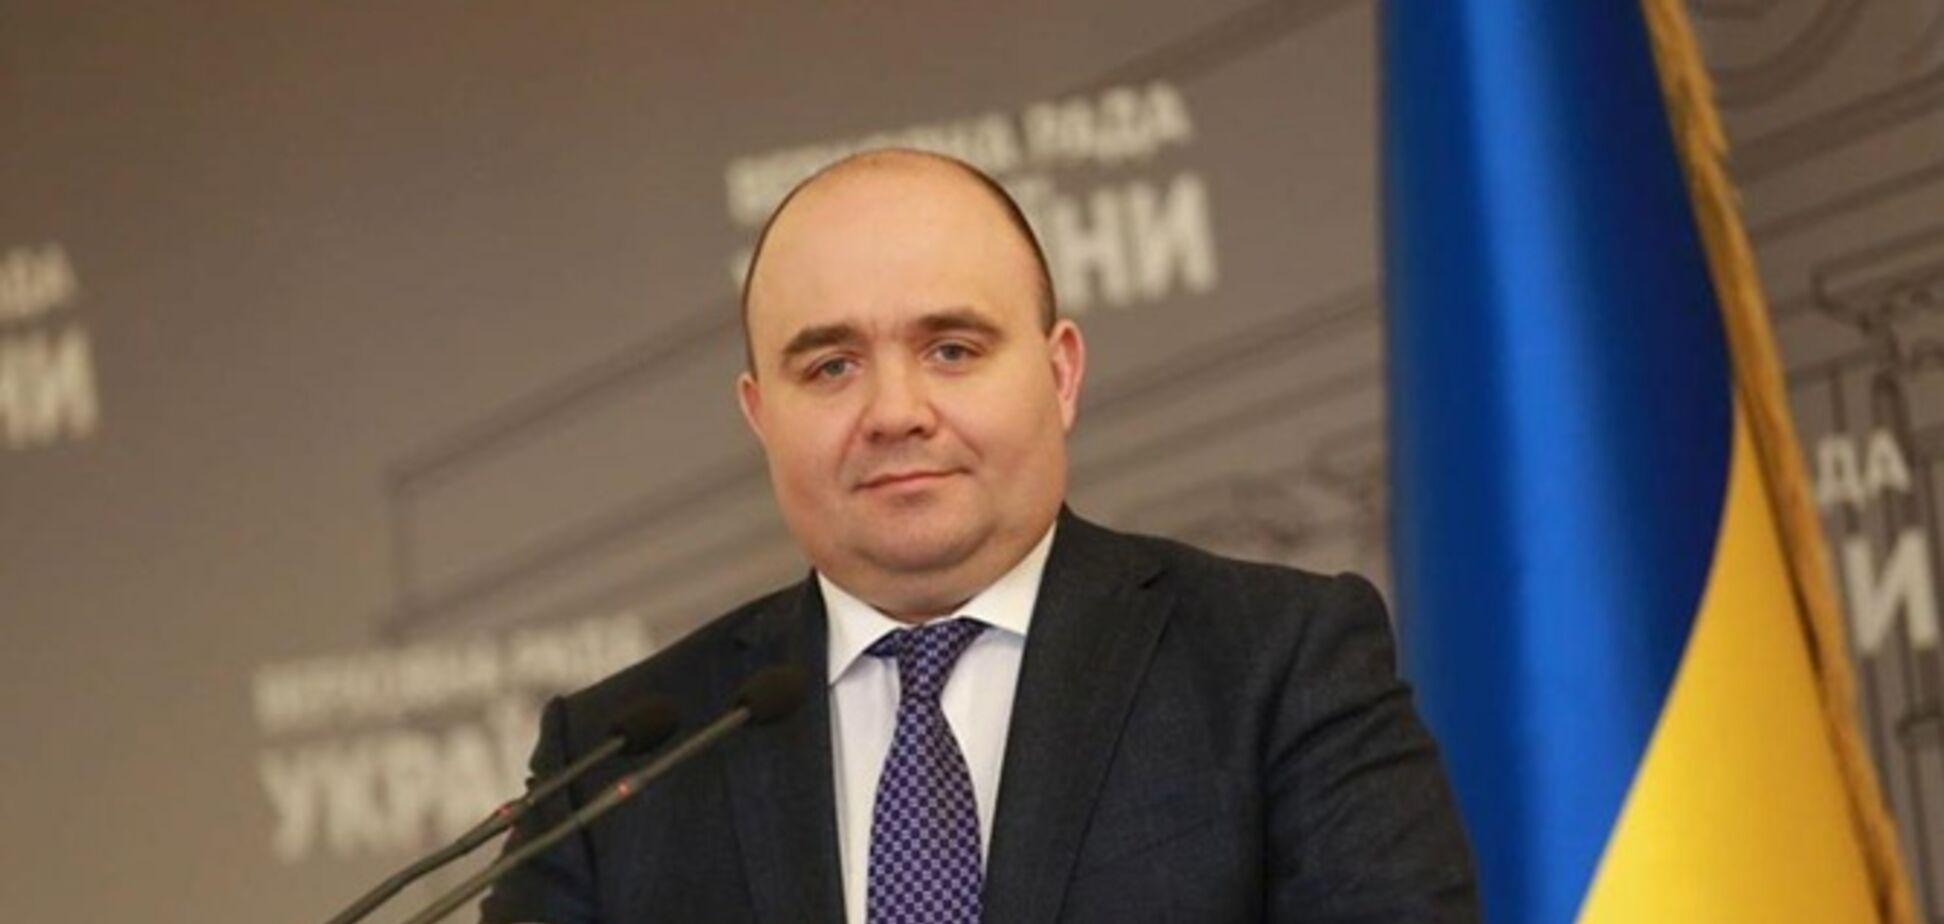 Нардеп Лукашев проверился на коронавирус: что показал анализ